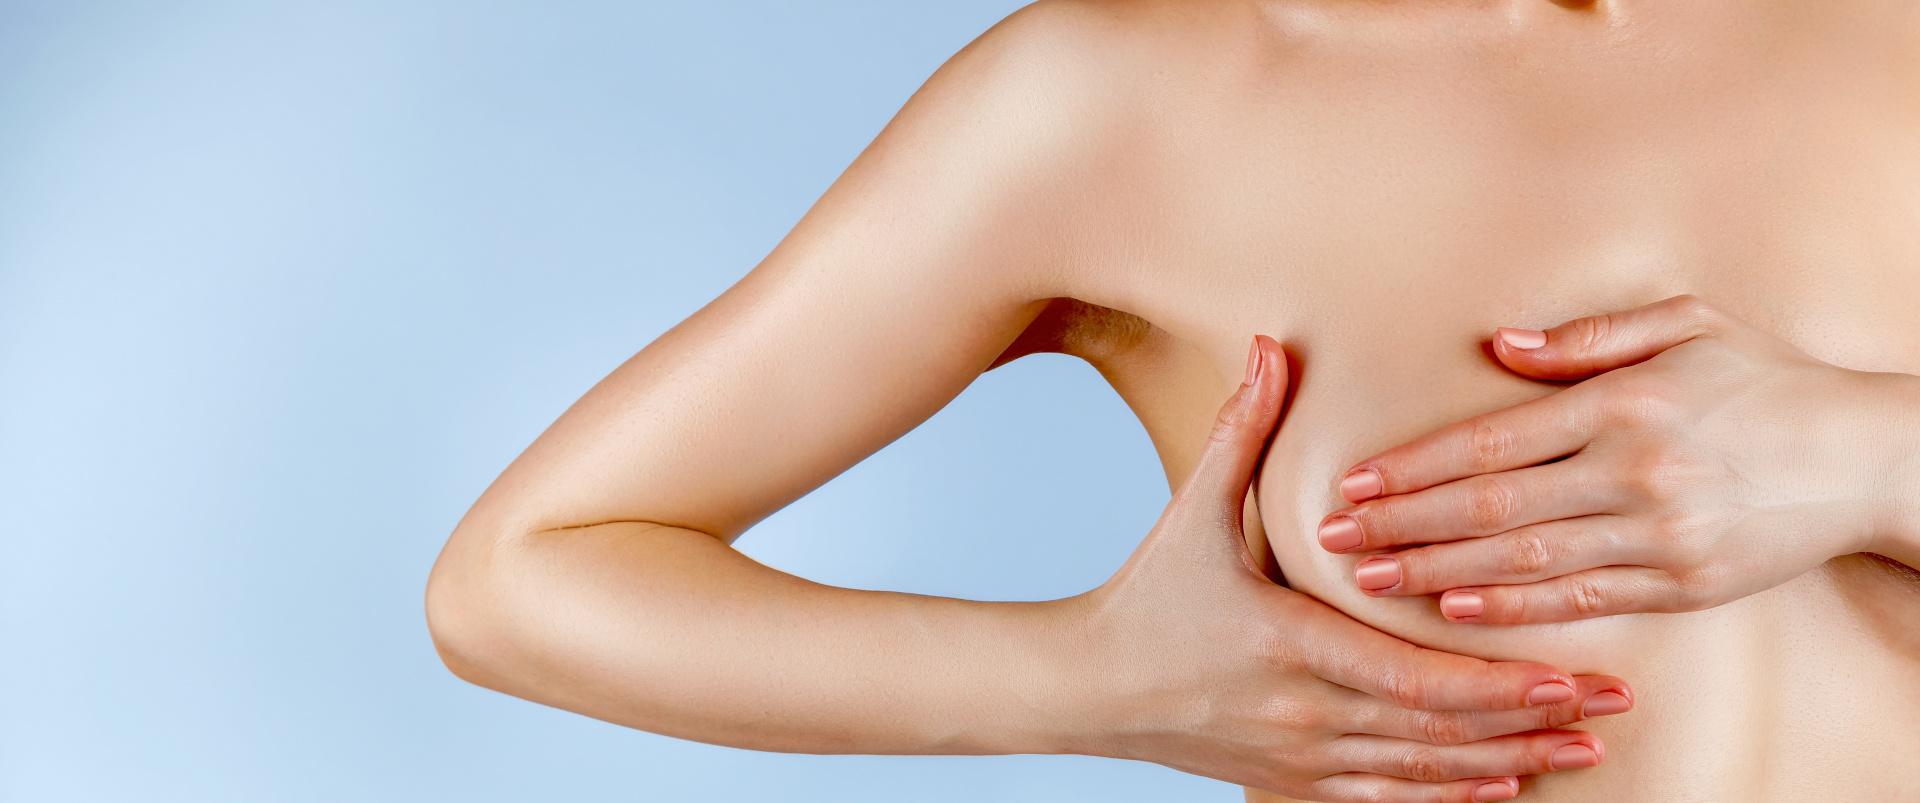 Niesymetryczne piersi - asymetria biustu